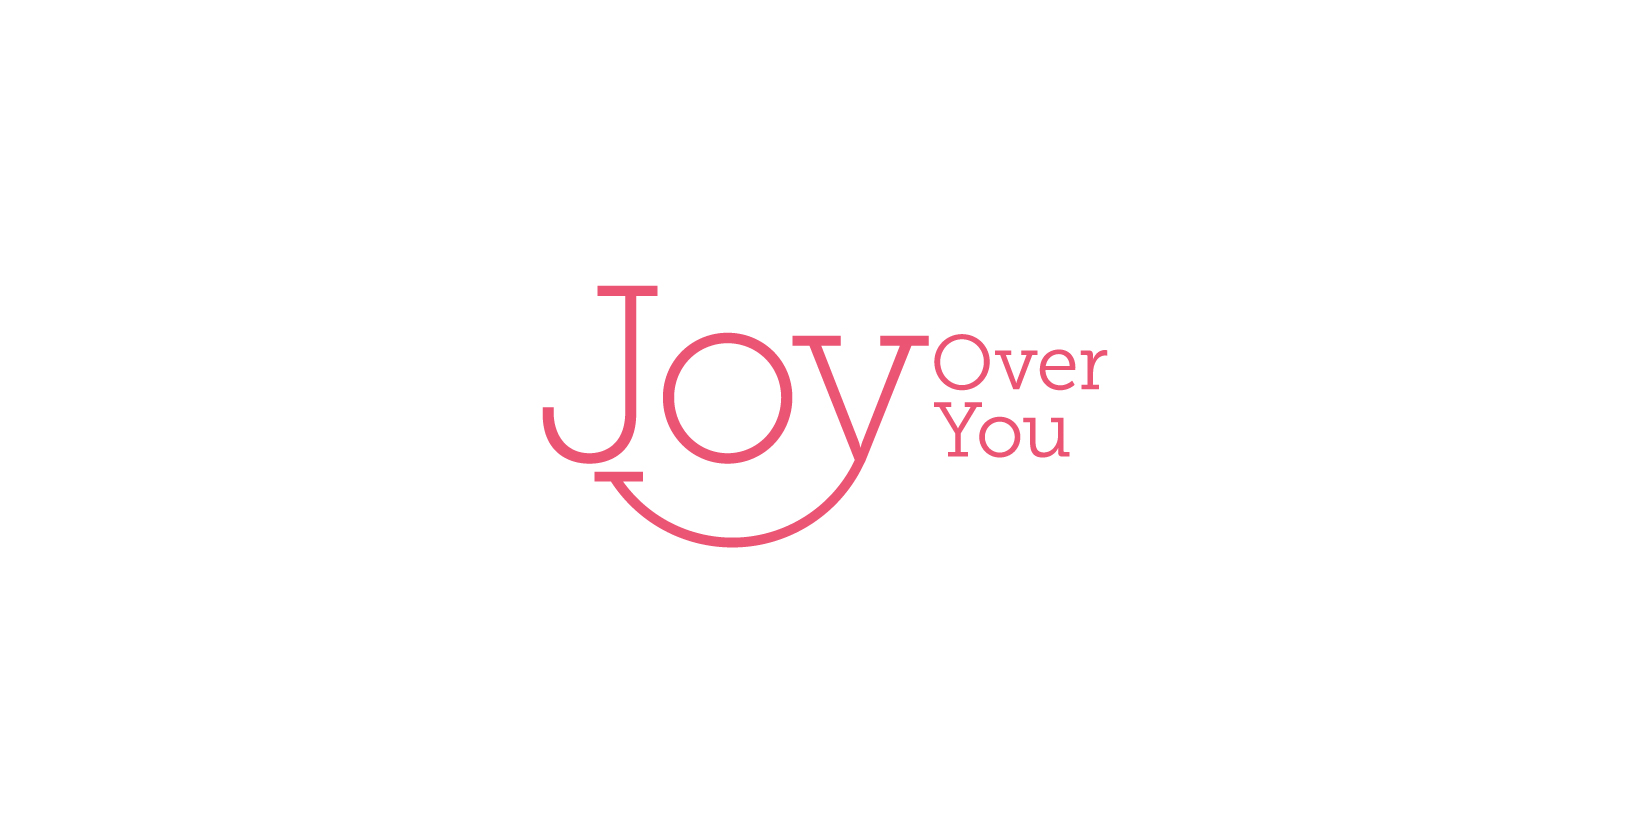 StephNE_LogoPortfolio_Joy 6 copy.jpg